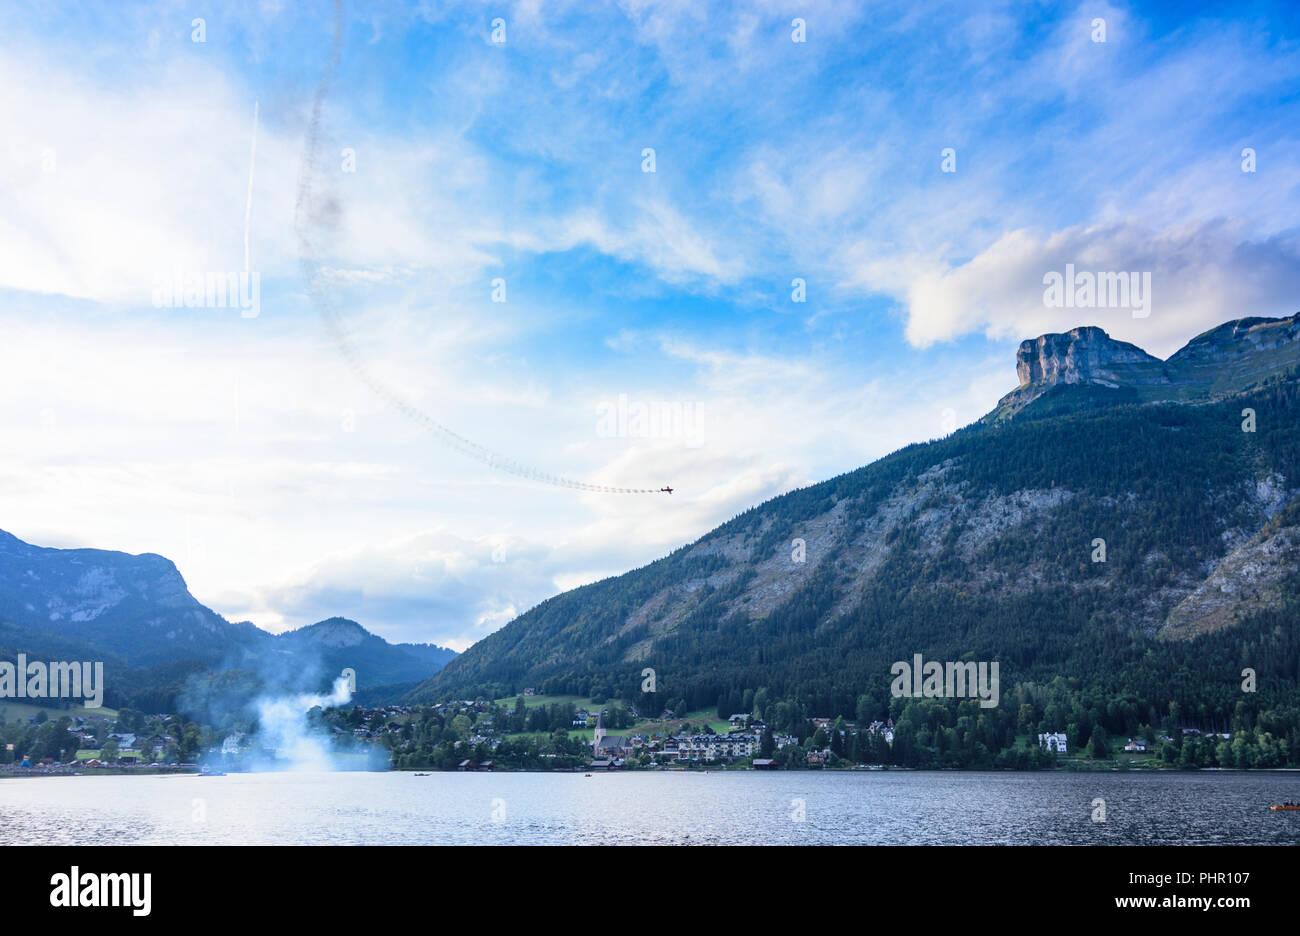 Altaussee: lake Altausseer See, village Altaussee, mountain Loser, airshow at festival 'Berge in Flammen', Ausseerland-Salzkammergut, Steiermark, Styr - Stock Image